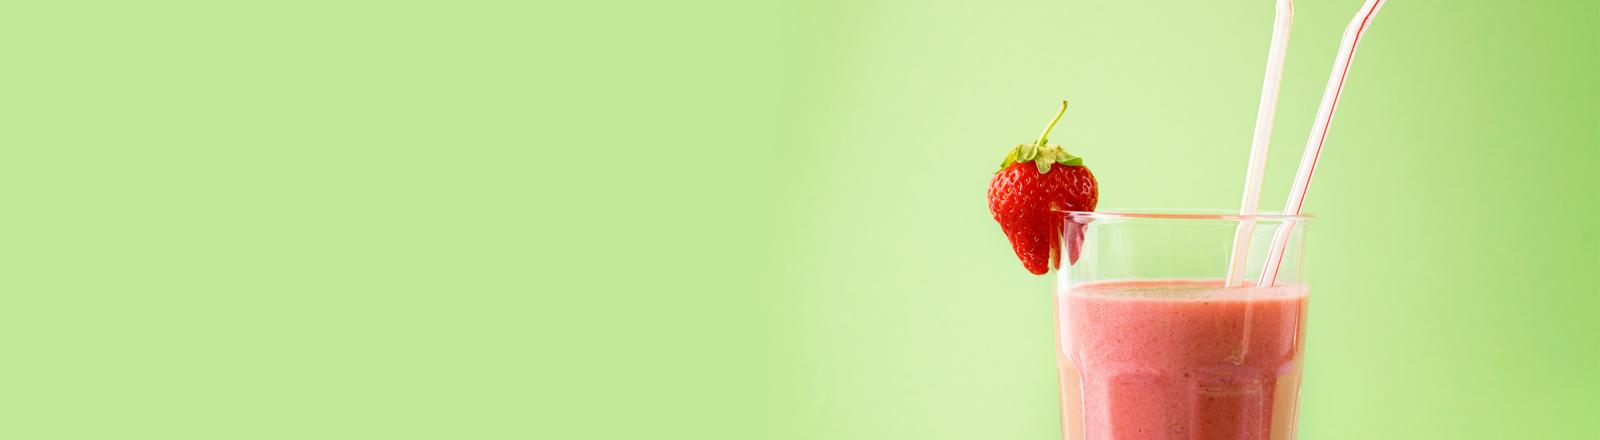 Ein Erdbeer-Shake auf einem grünen Tischtuch